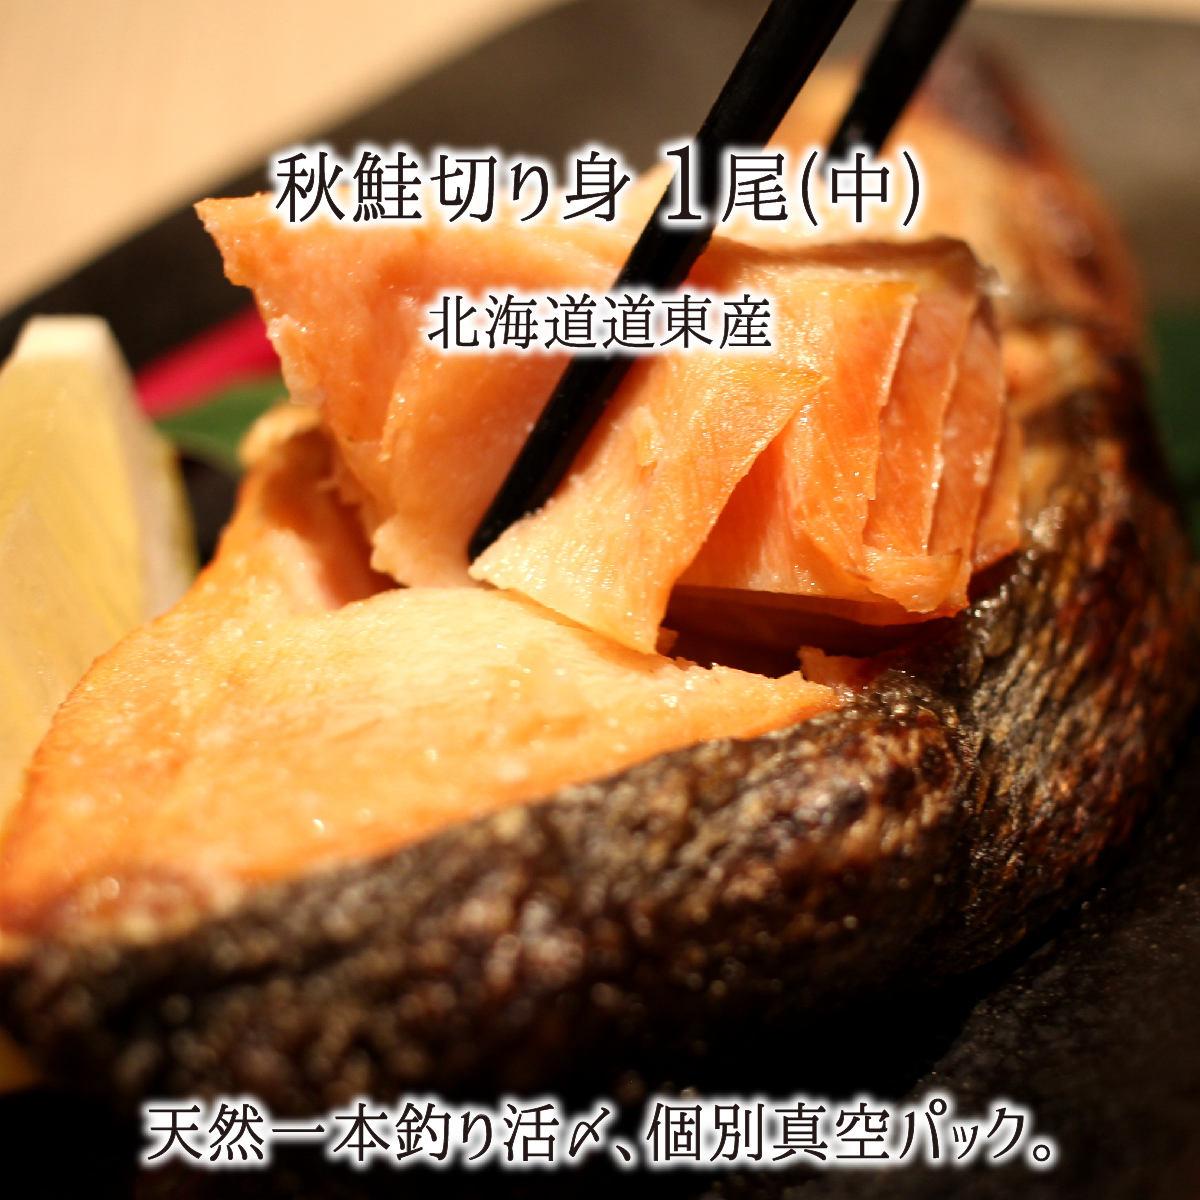 一本釣り活〆 天然秋鮭(中) 1尾 切り身 約2.4kg 個別真空パック 熟成鮭 北海道道東産 送料無料